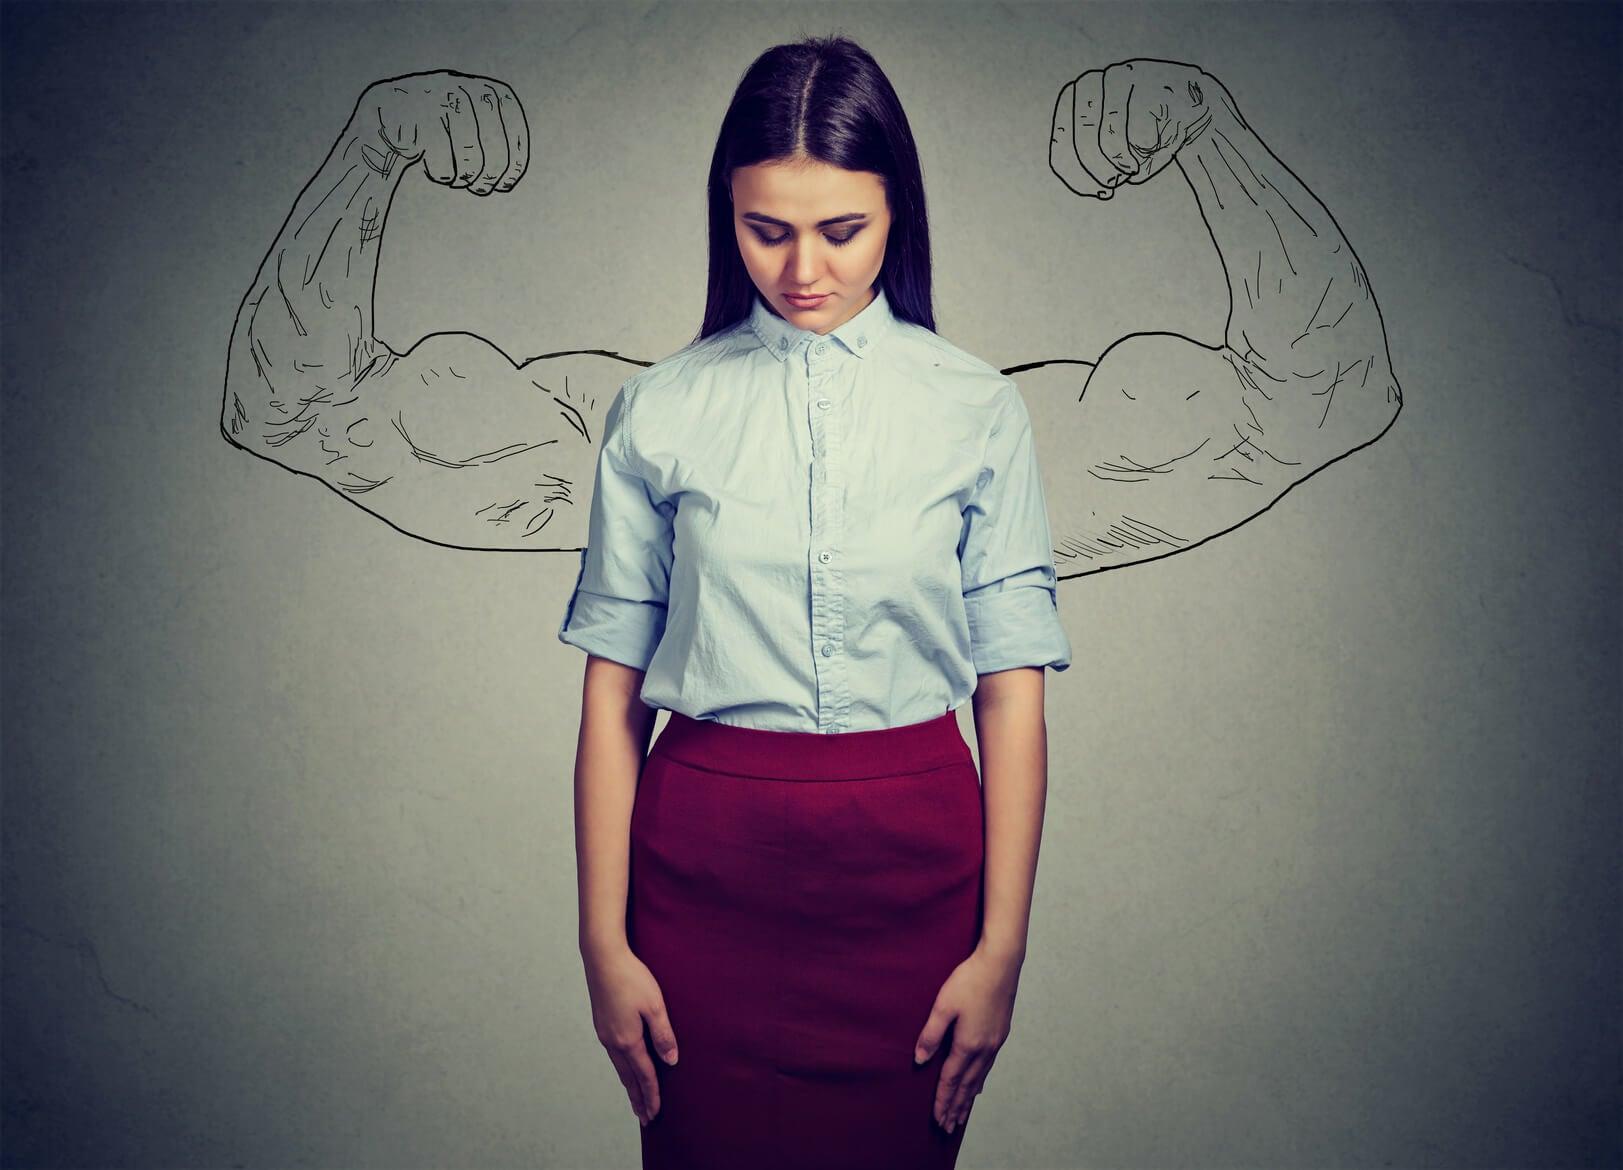 정서적 강인함을 위한 7가지 핵심 열쇠